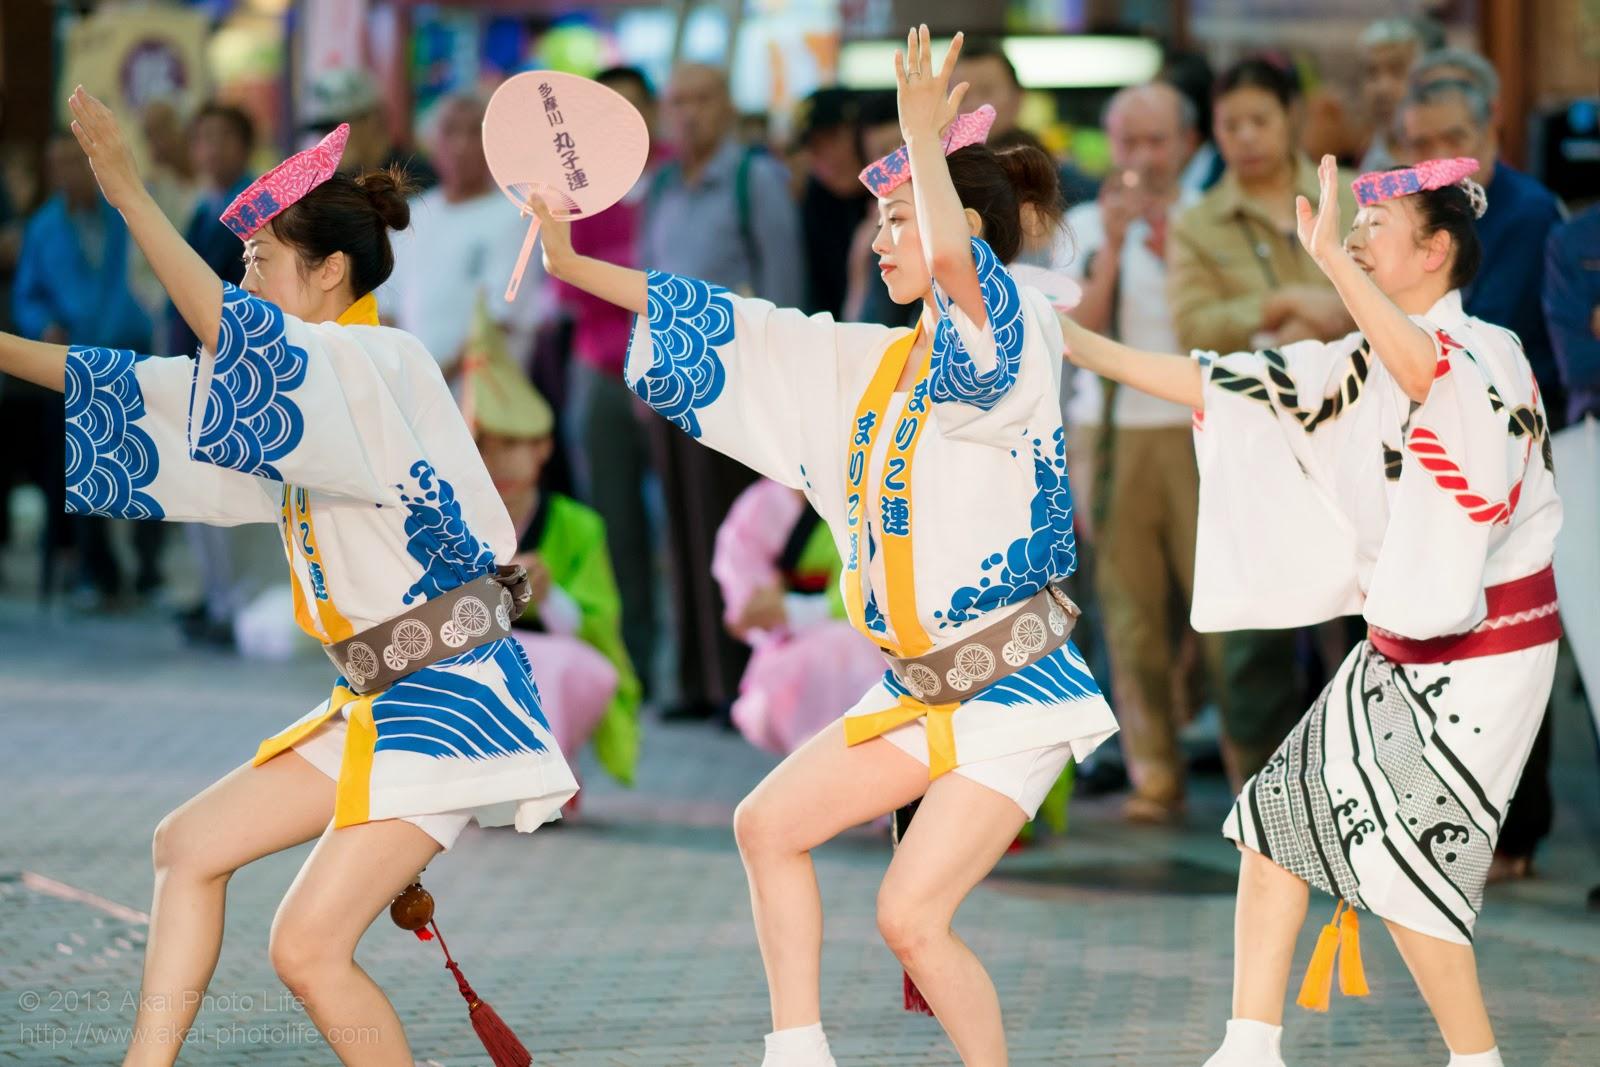 かわさき阿波おどり、多摩川丸子連の女性による団扇踊り